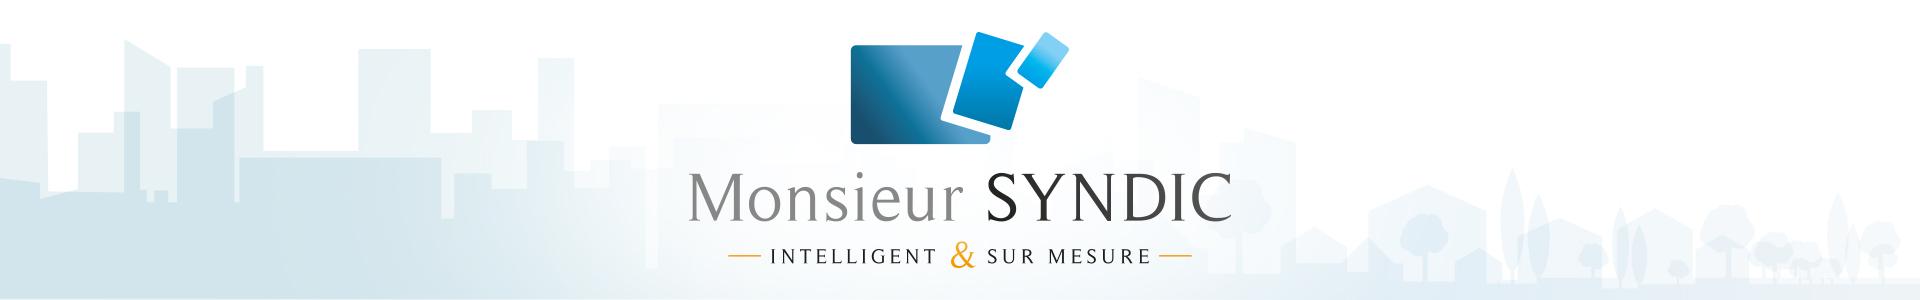 Monsieur Syndic | Syndic de copropriété intelligent et sur mesure -11